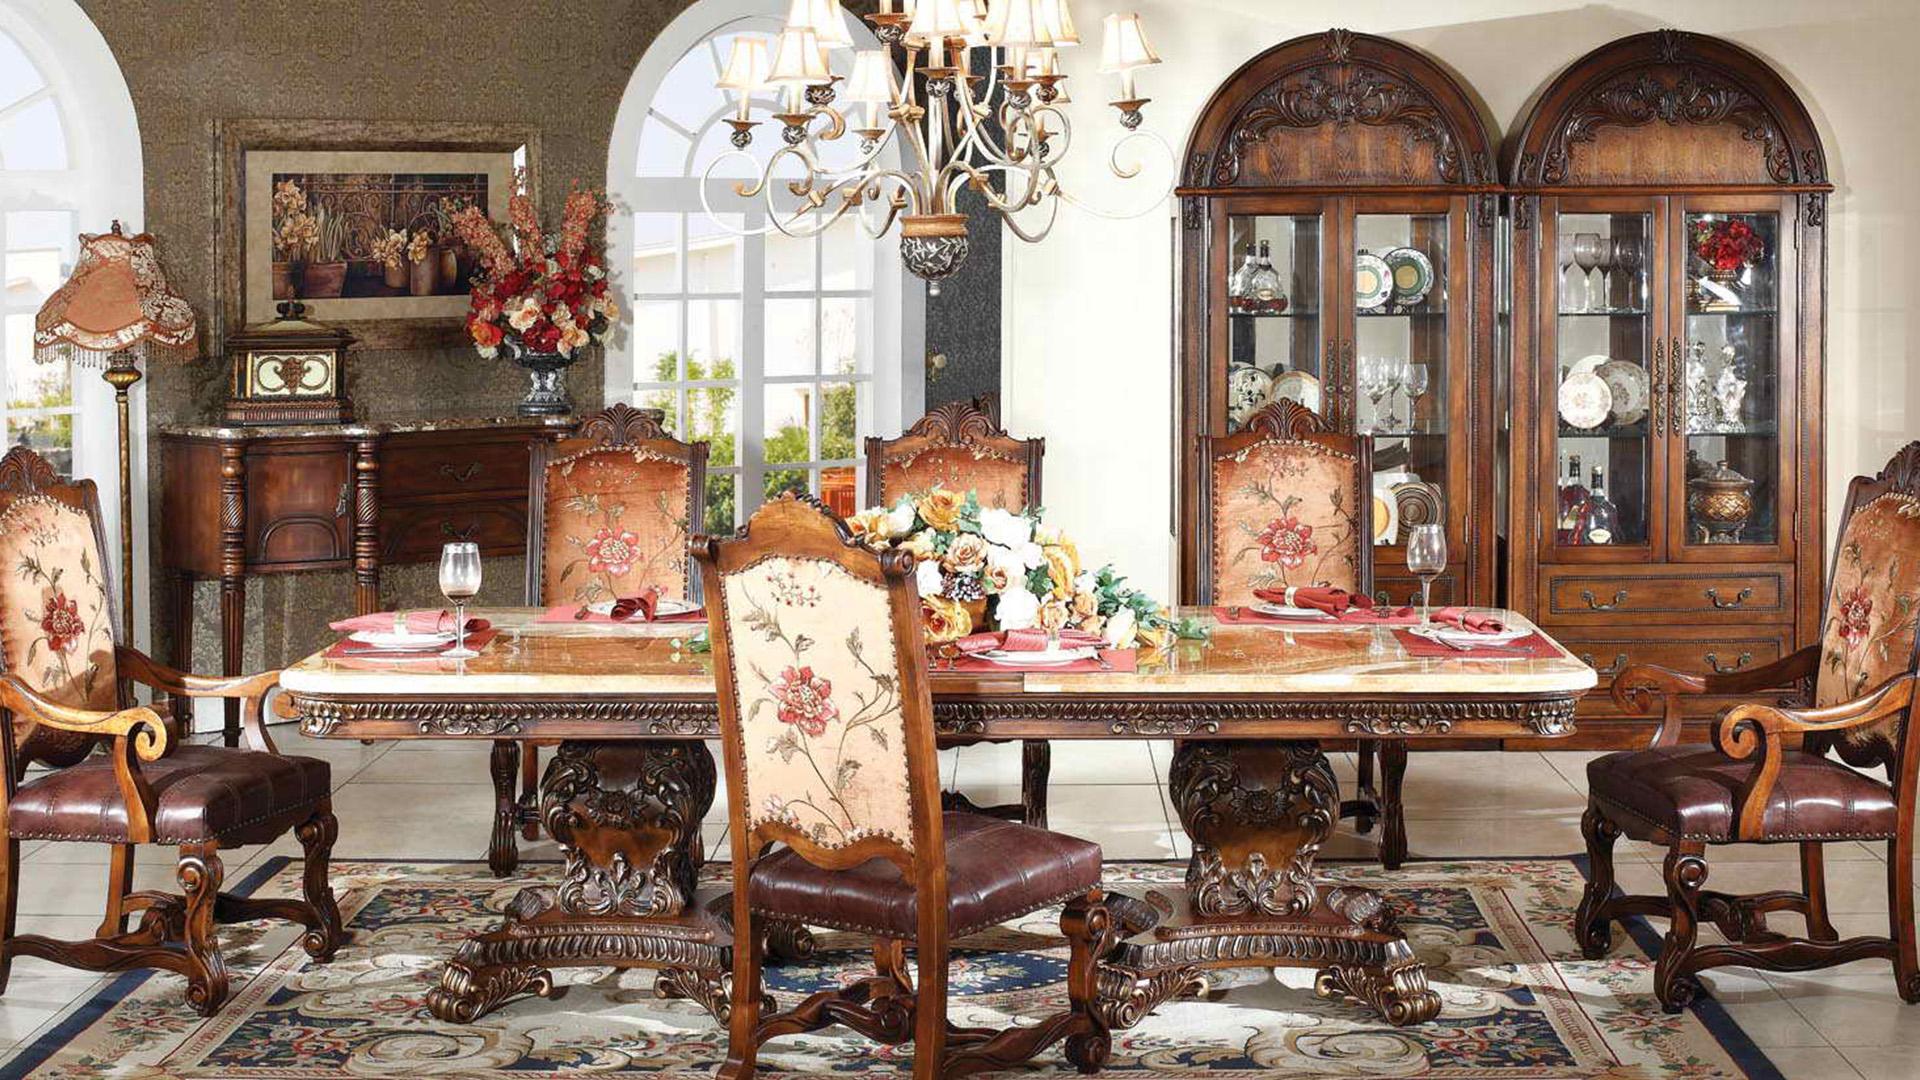 Egur trinkoz eta marmolez egindako goi mailako sukaldeko mahai handia, Goodwin GH153